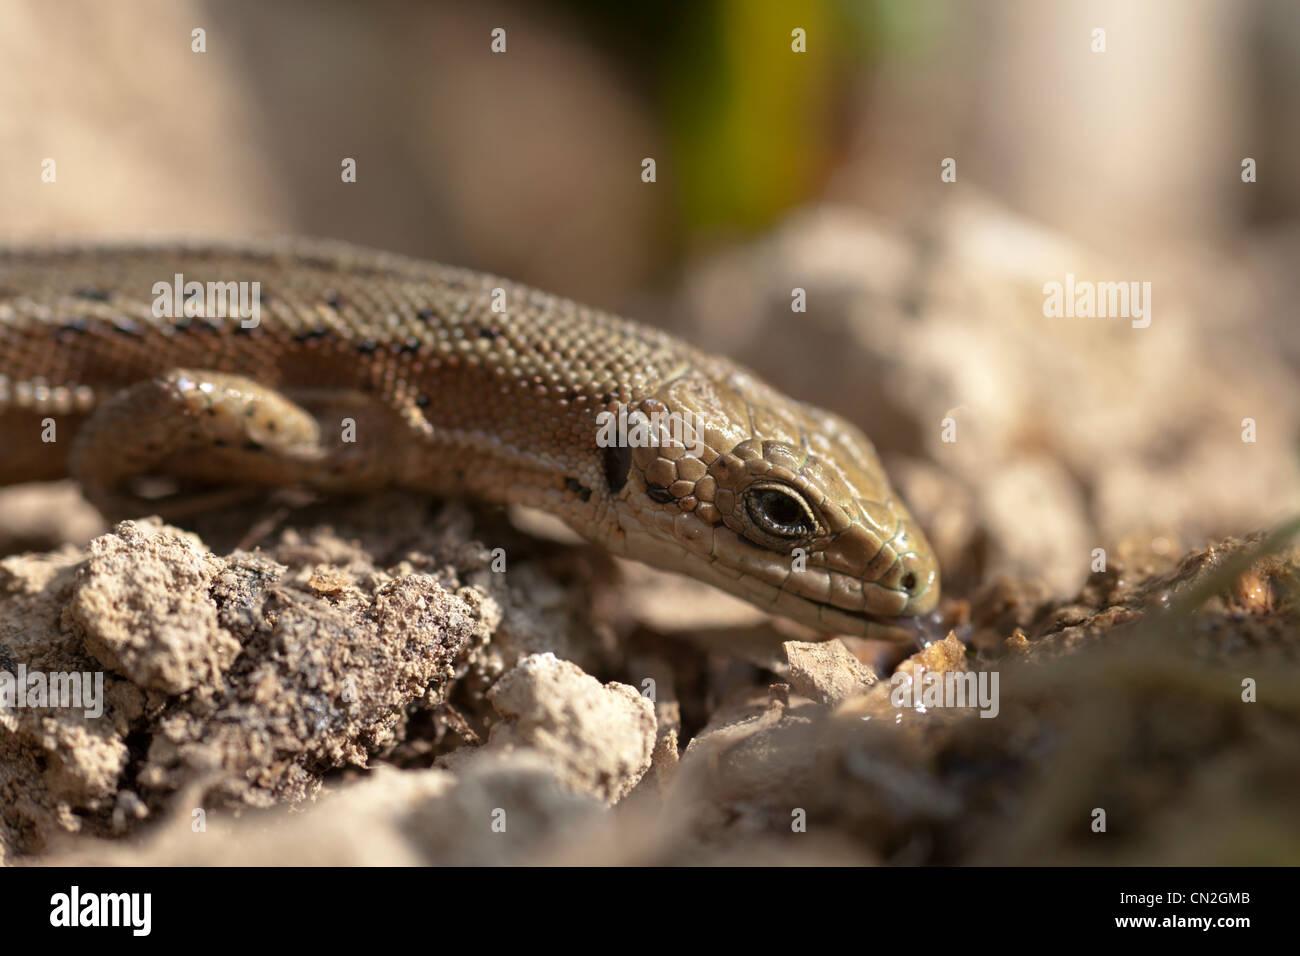 Gemeinsame oder Vivparous Eidechse (Zootoca Vivipara) trinken verschüttet Wasser Stockfoto